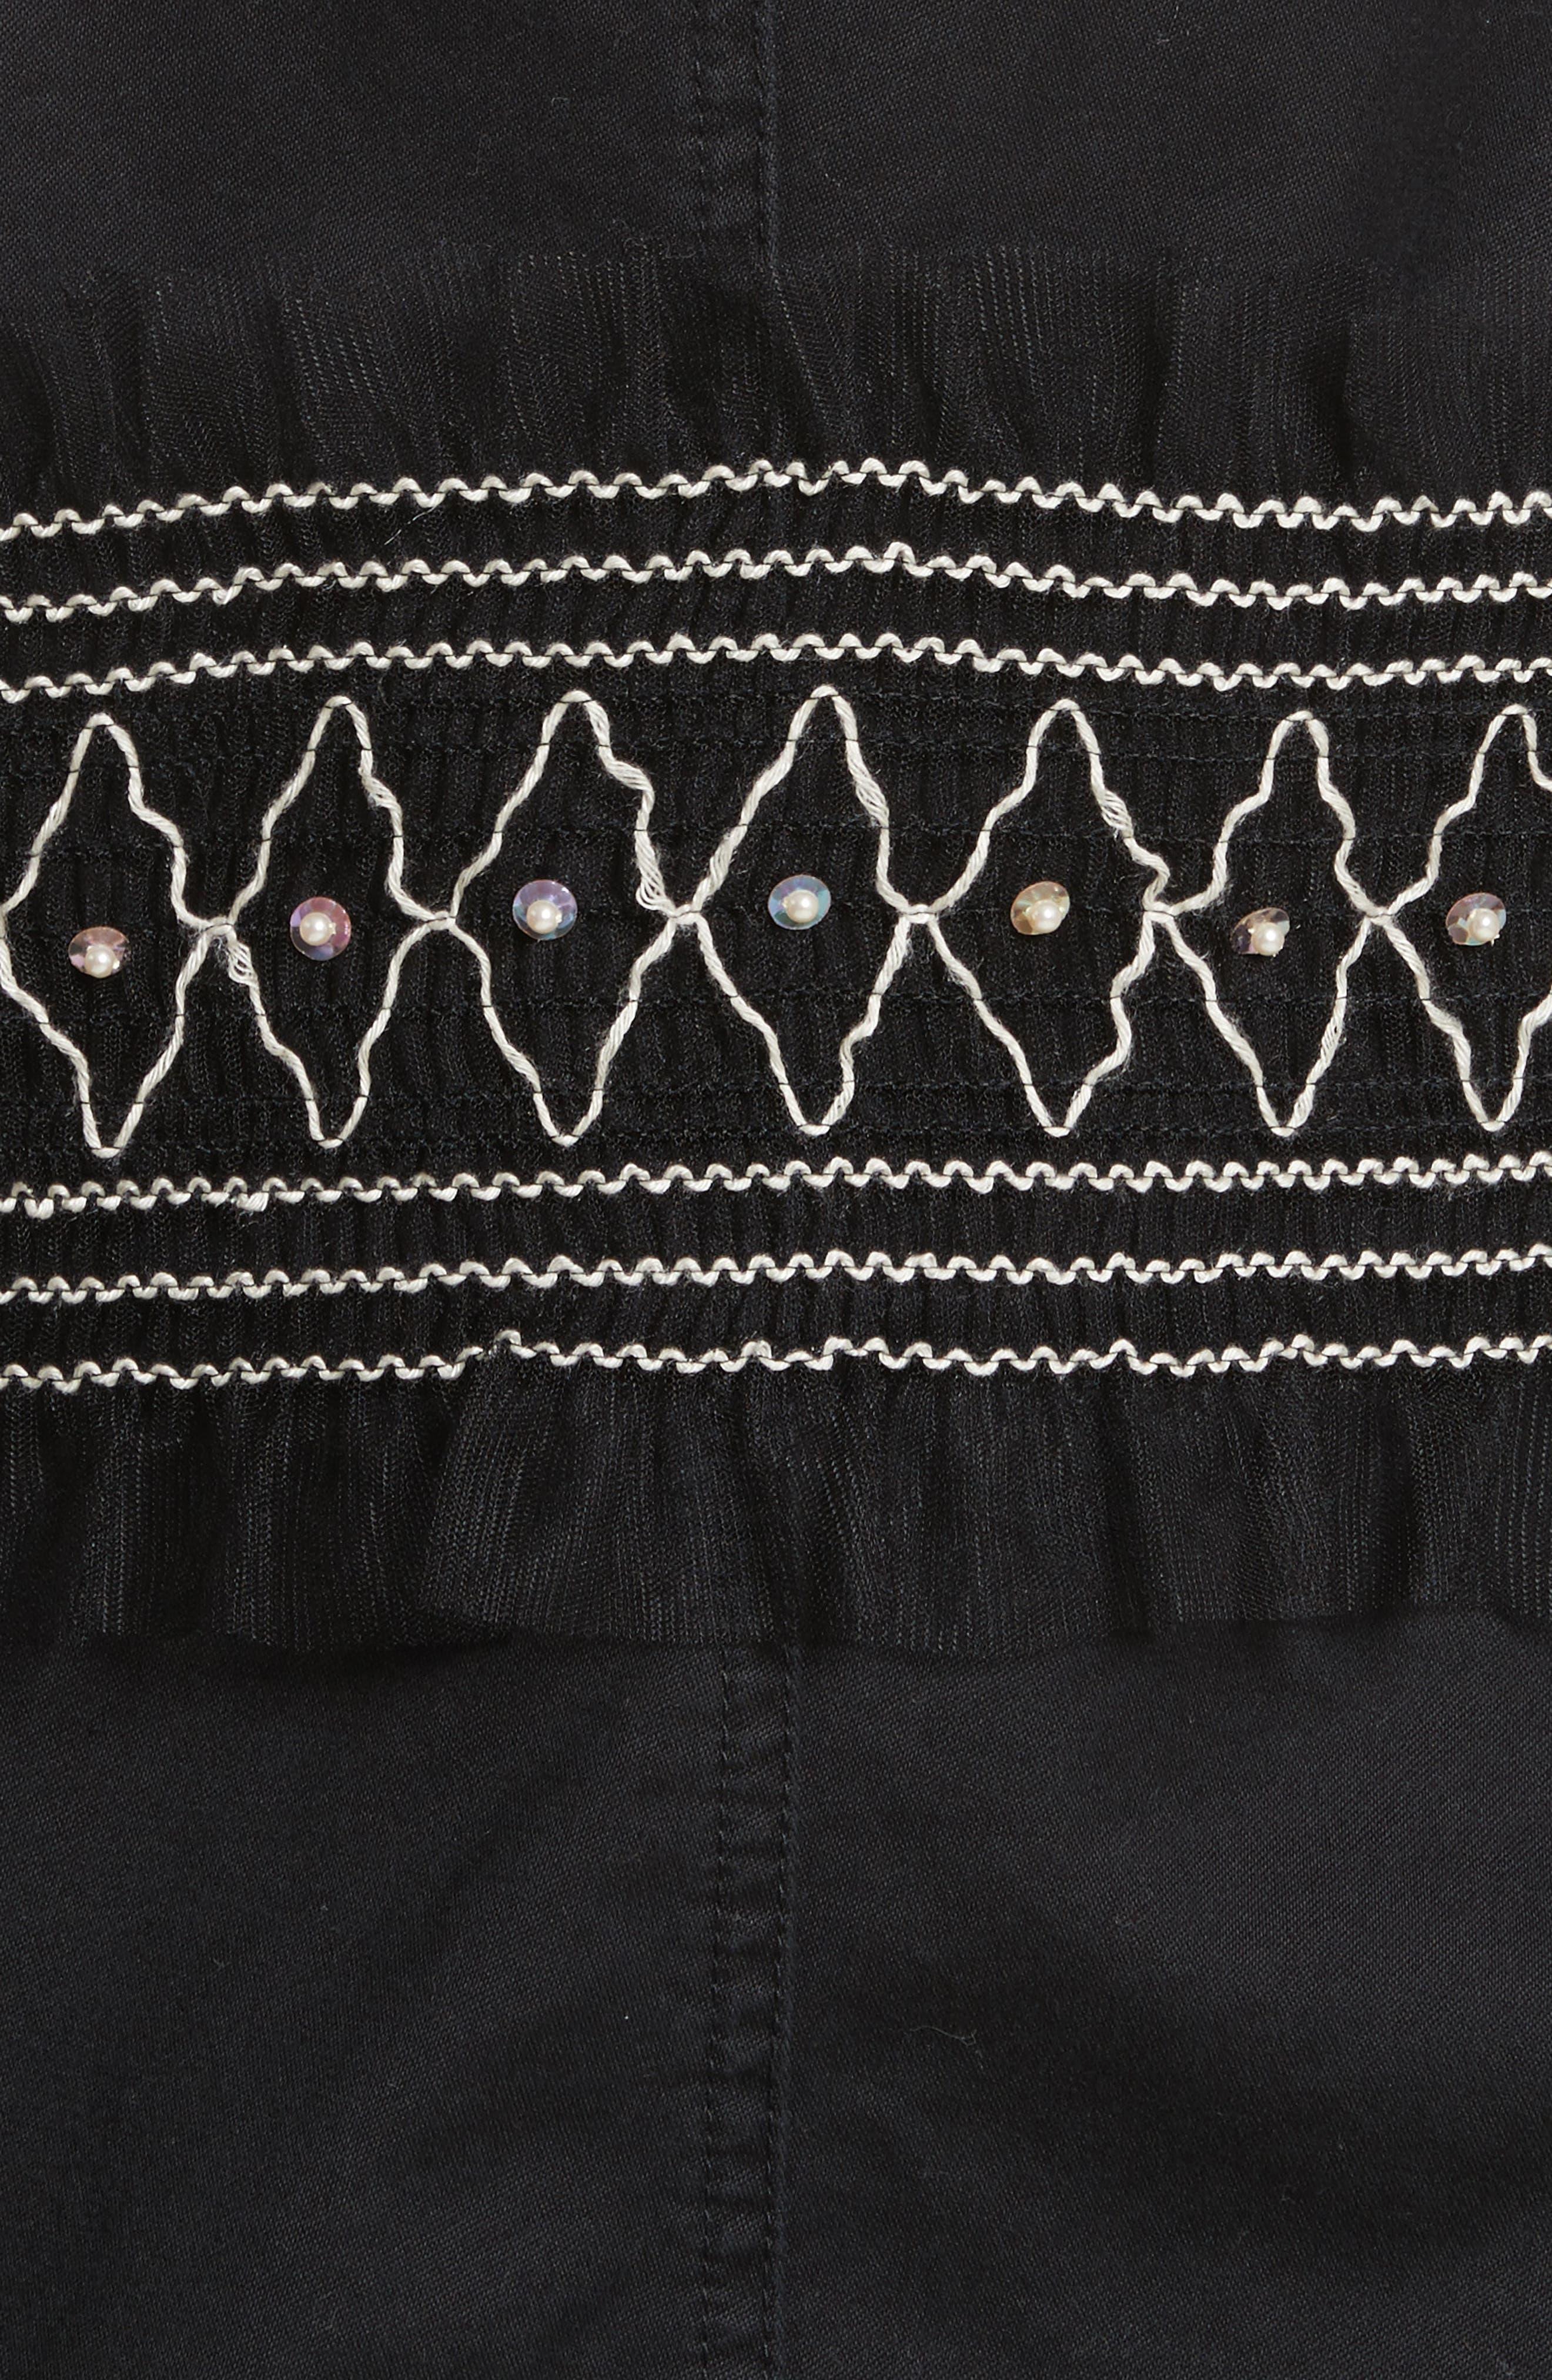 Smocked Embellished Belted Field Jacket,                             Alternate thumbnail 6, color,                             001